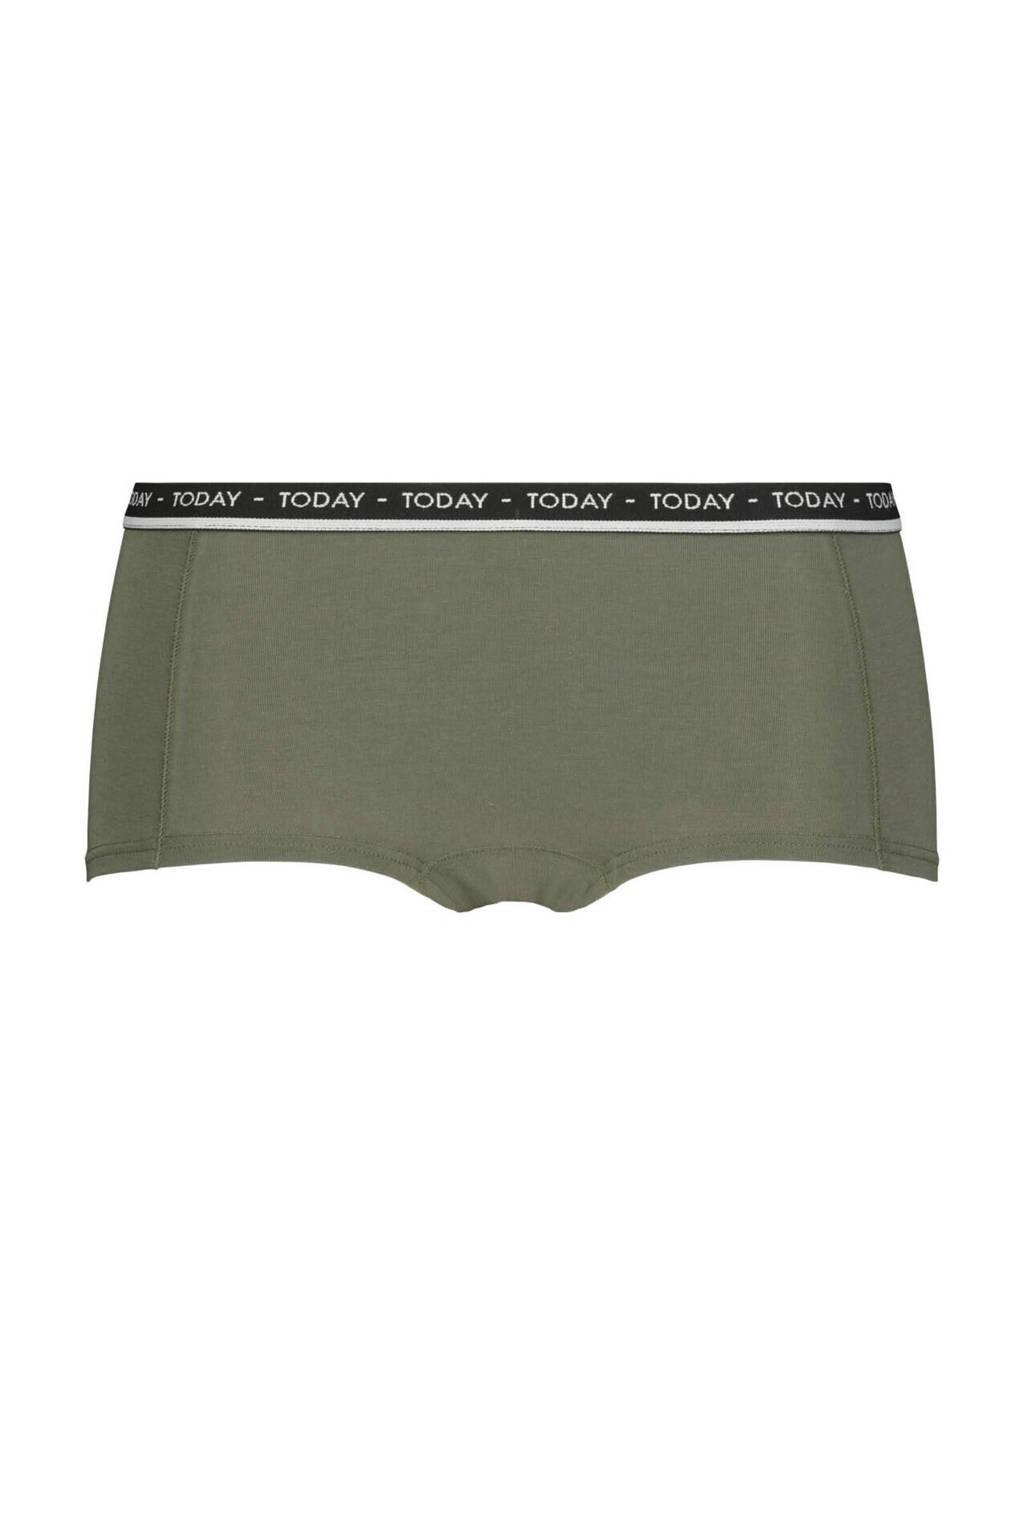 HEMA hipster groen, Groen